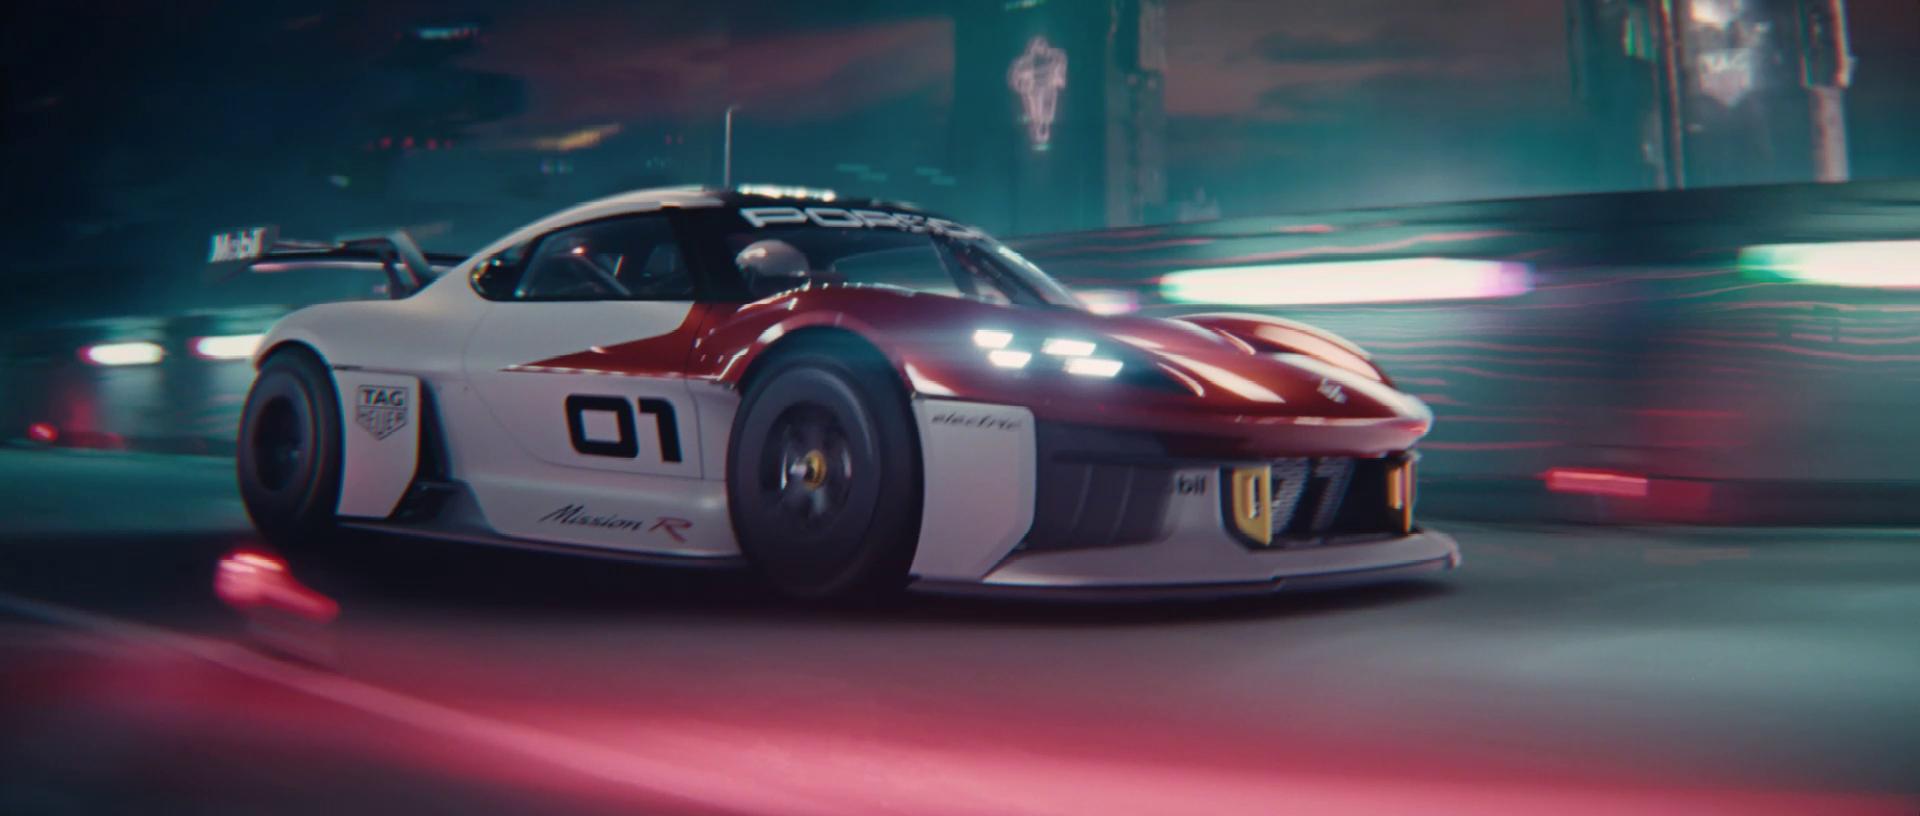 Porsche_mission_R__0007_Layer 26